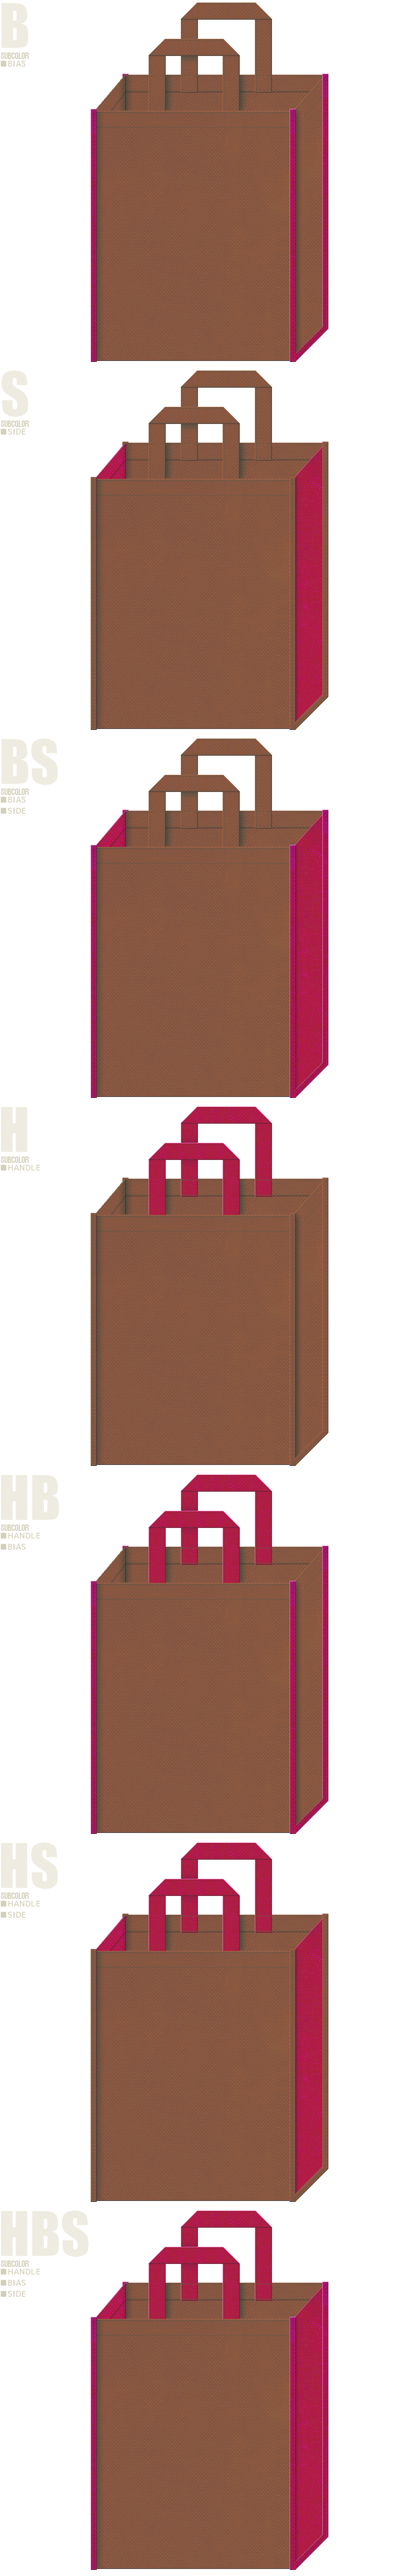 ハワイアン・アロハシャツ・水着・南国・トロピカル・フルーツ・カクテル・リゾート・トラベルバッグ・旅行のノベルティにお奨めの不織布バッグデザイン:茶色と濃いピンク色の配色7パターン